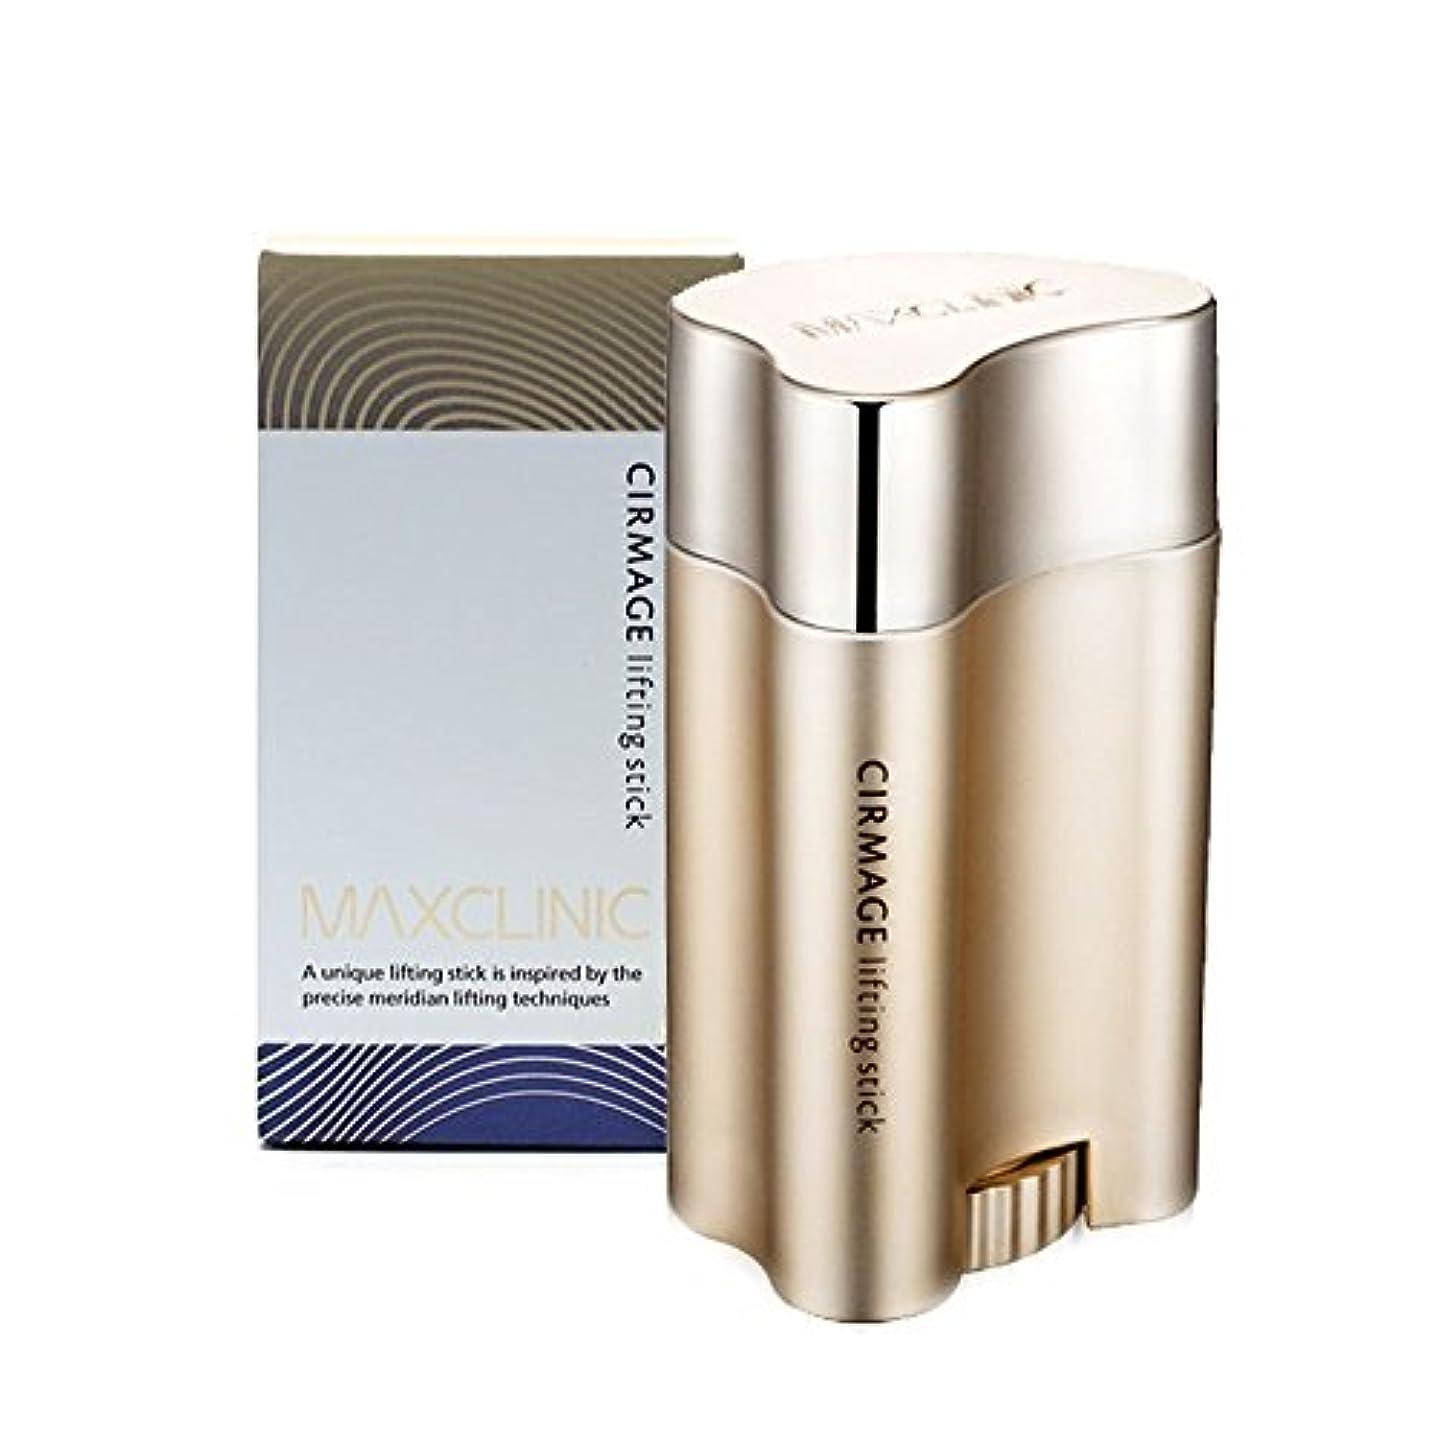 メンタルブルーベル複雑なMAXCLINIC マックスクリニック サーメージ リフティング スティック 23g(Cirmage Lifting Stick 23g)/Direct from Korea/w free Gift Sample [並行輸入品]